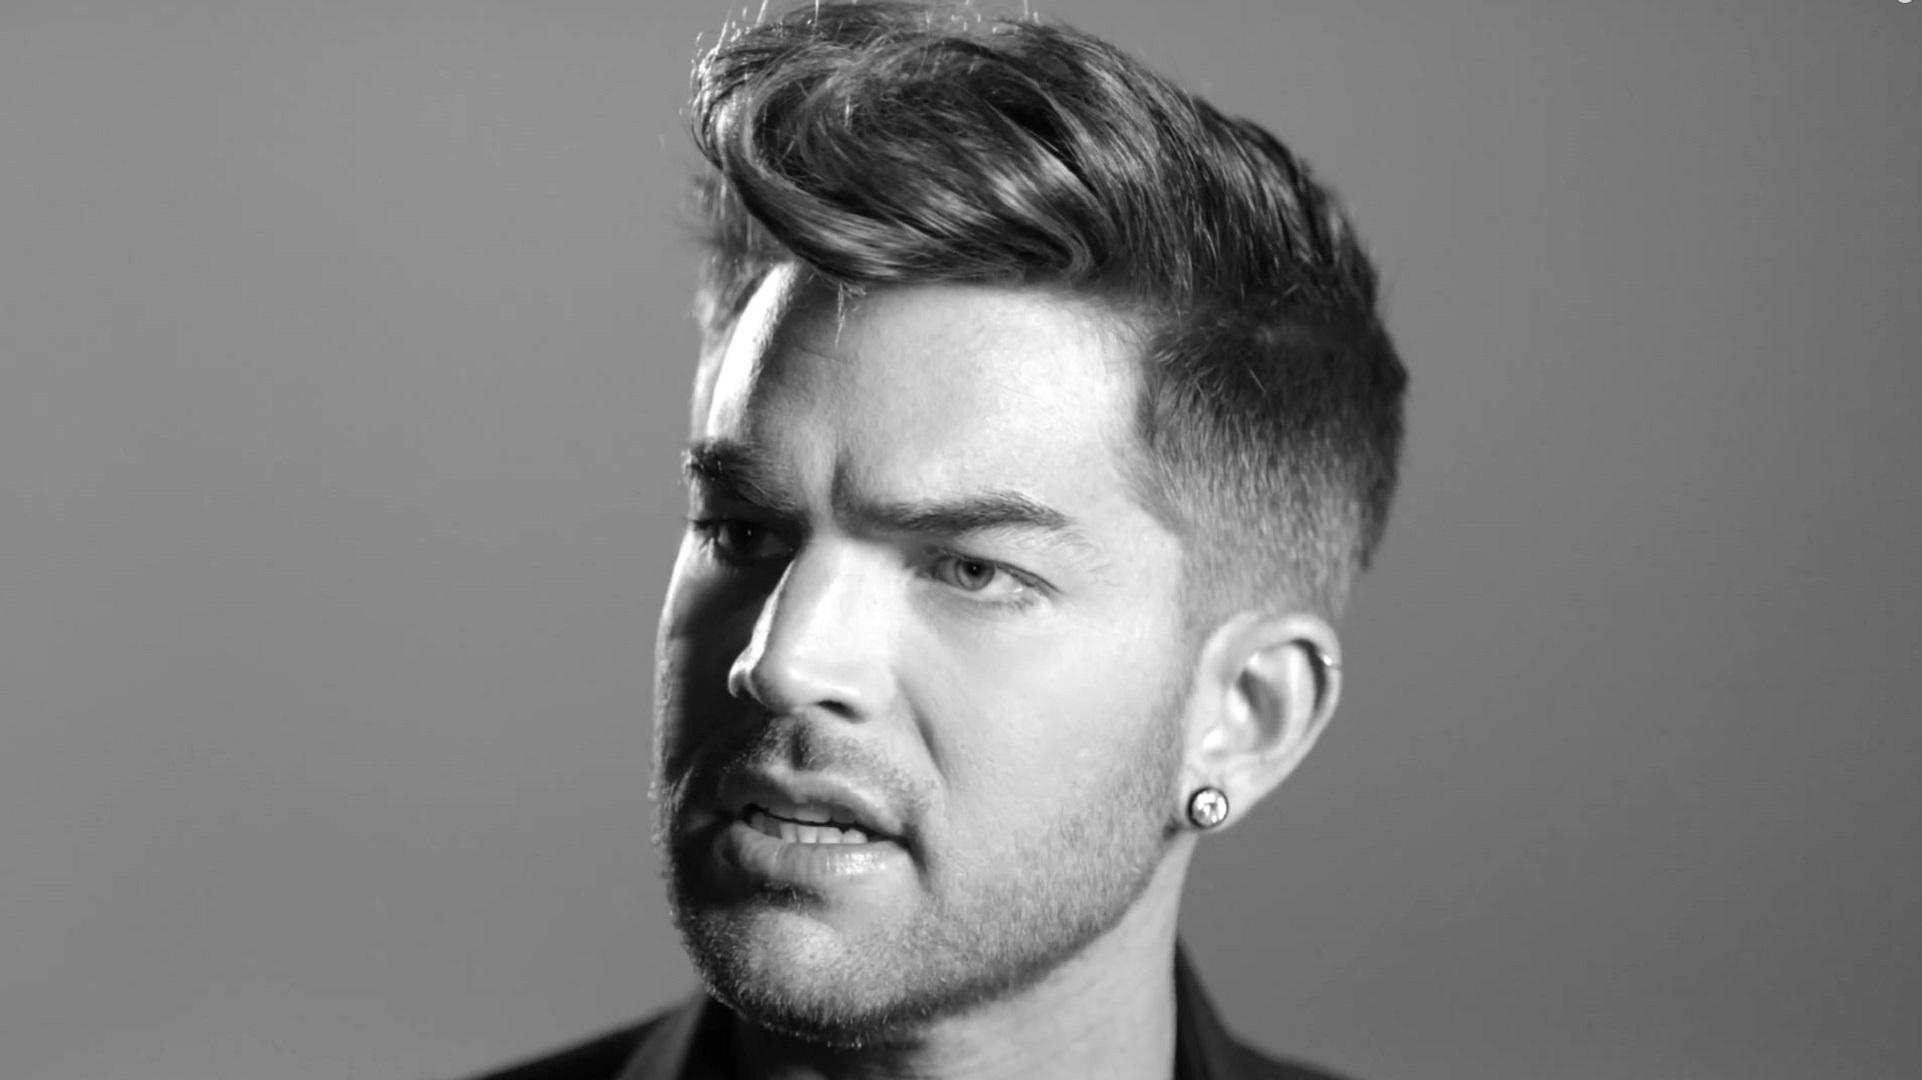 Adam Lambert High Definition Wallpapers